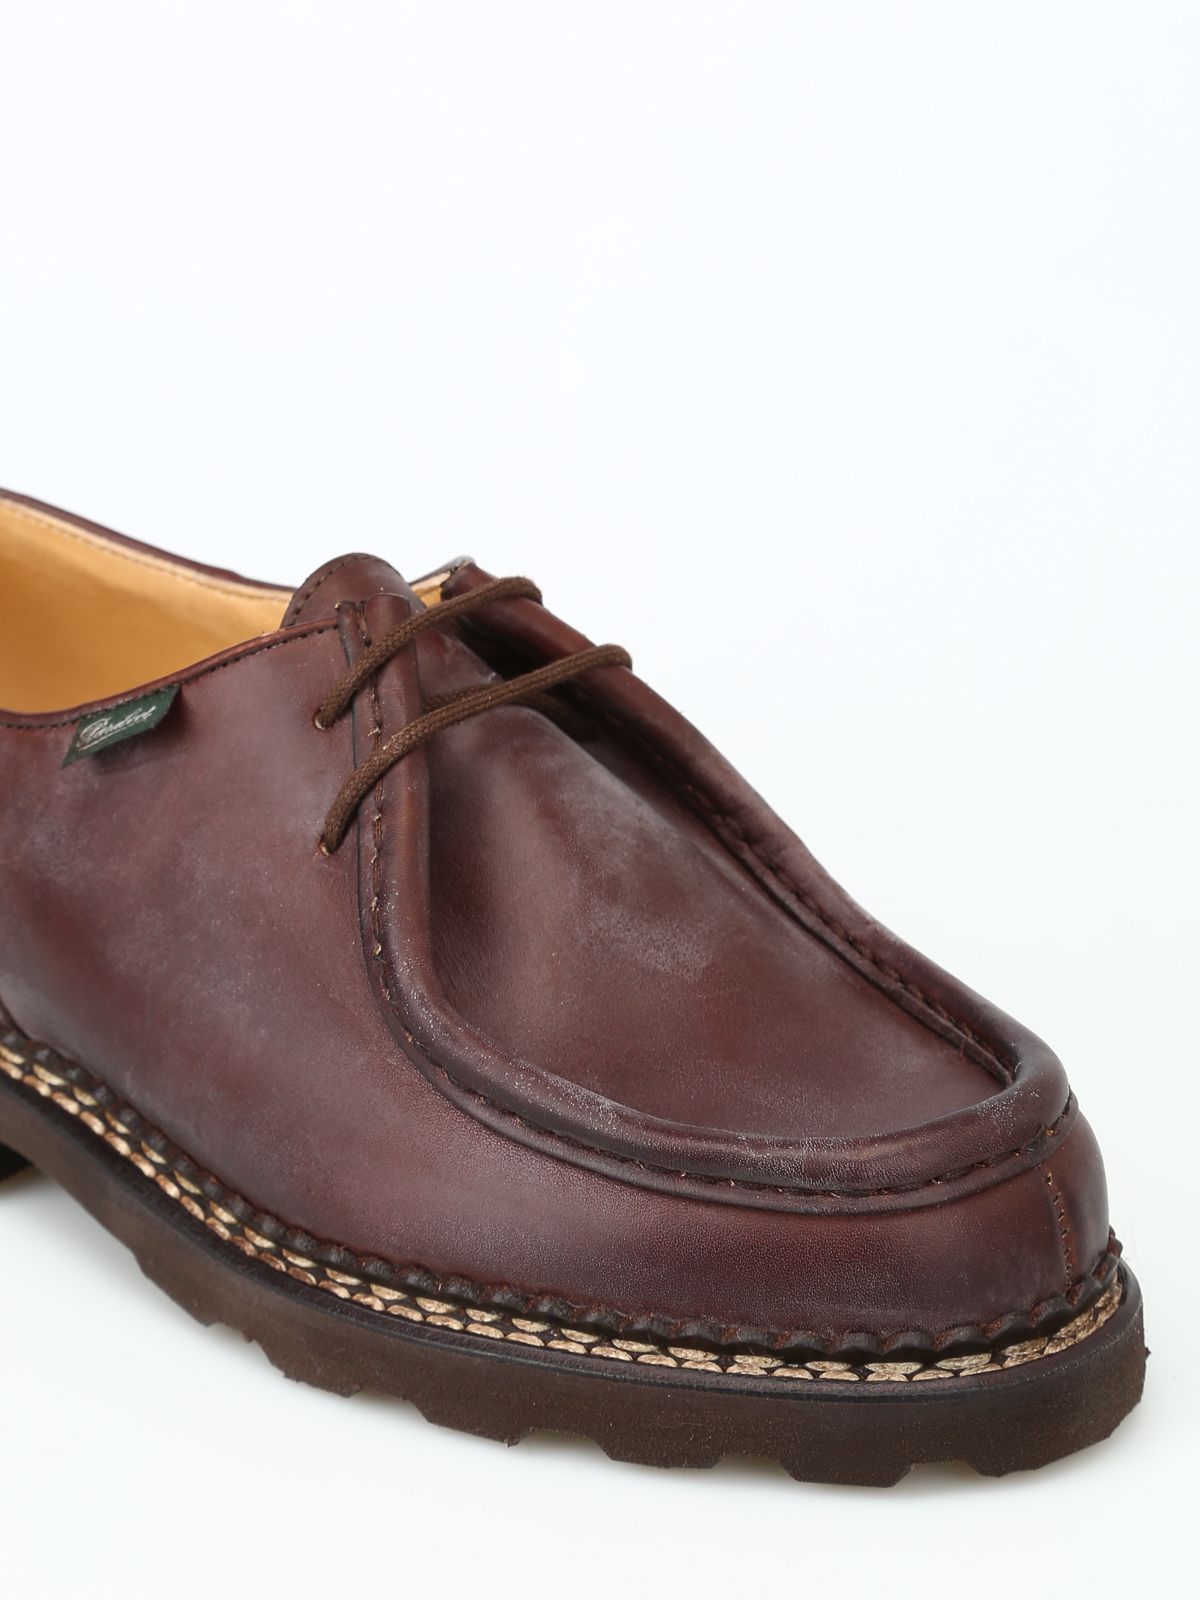 quality design 1f5cb e62c6 Paraboot - Allacciate Michael in pelle - scarpe stringate ...